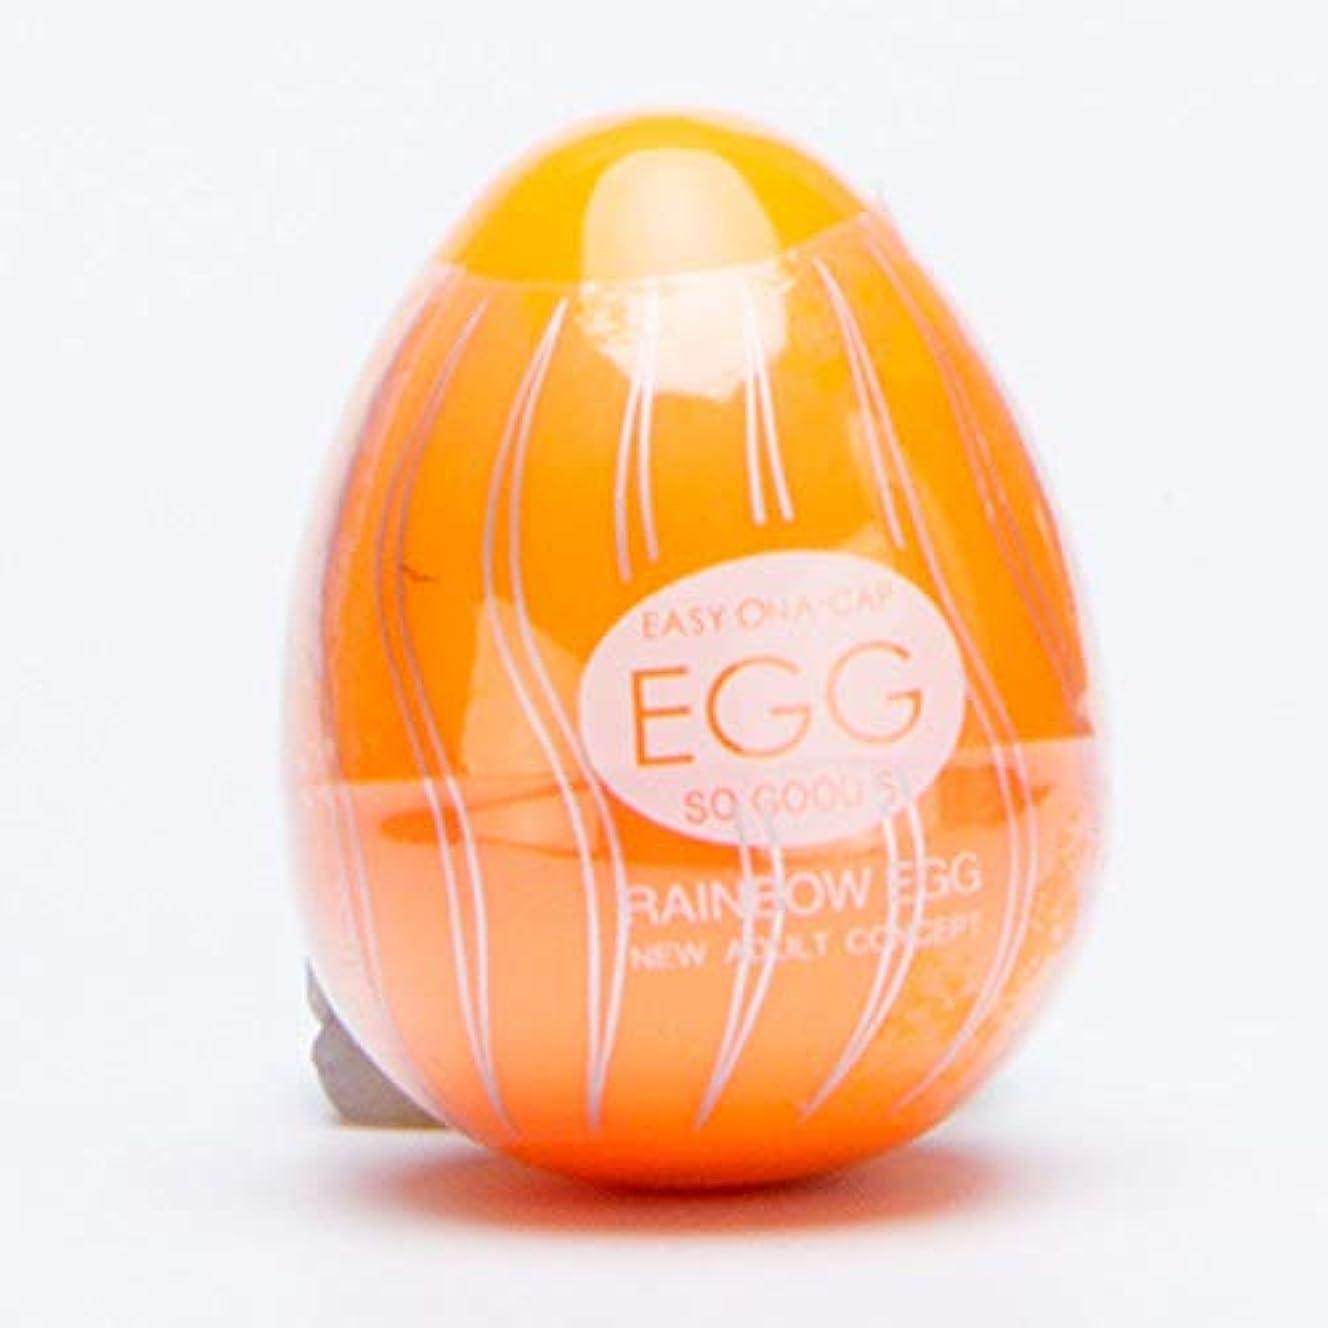 高層ビル翻訳者ずらすRabugoo 大人のおもちゃ 男性の性のおもちゃの陰茎のマッサージャーの喜びのセックスレインボーエッグ オレンジ